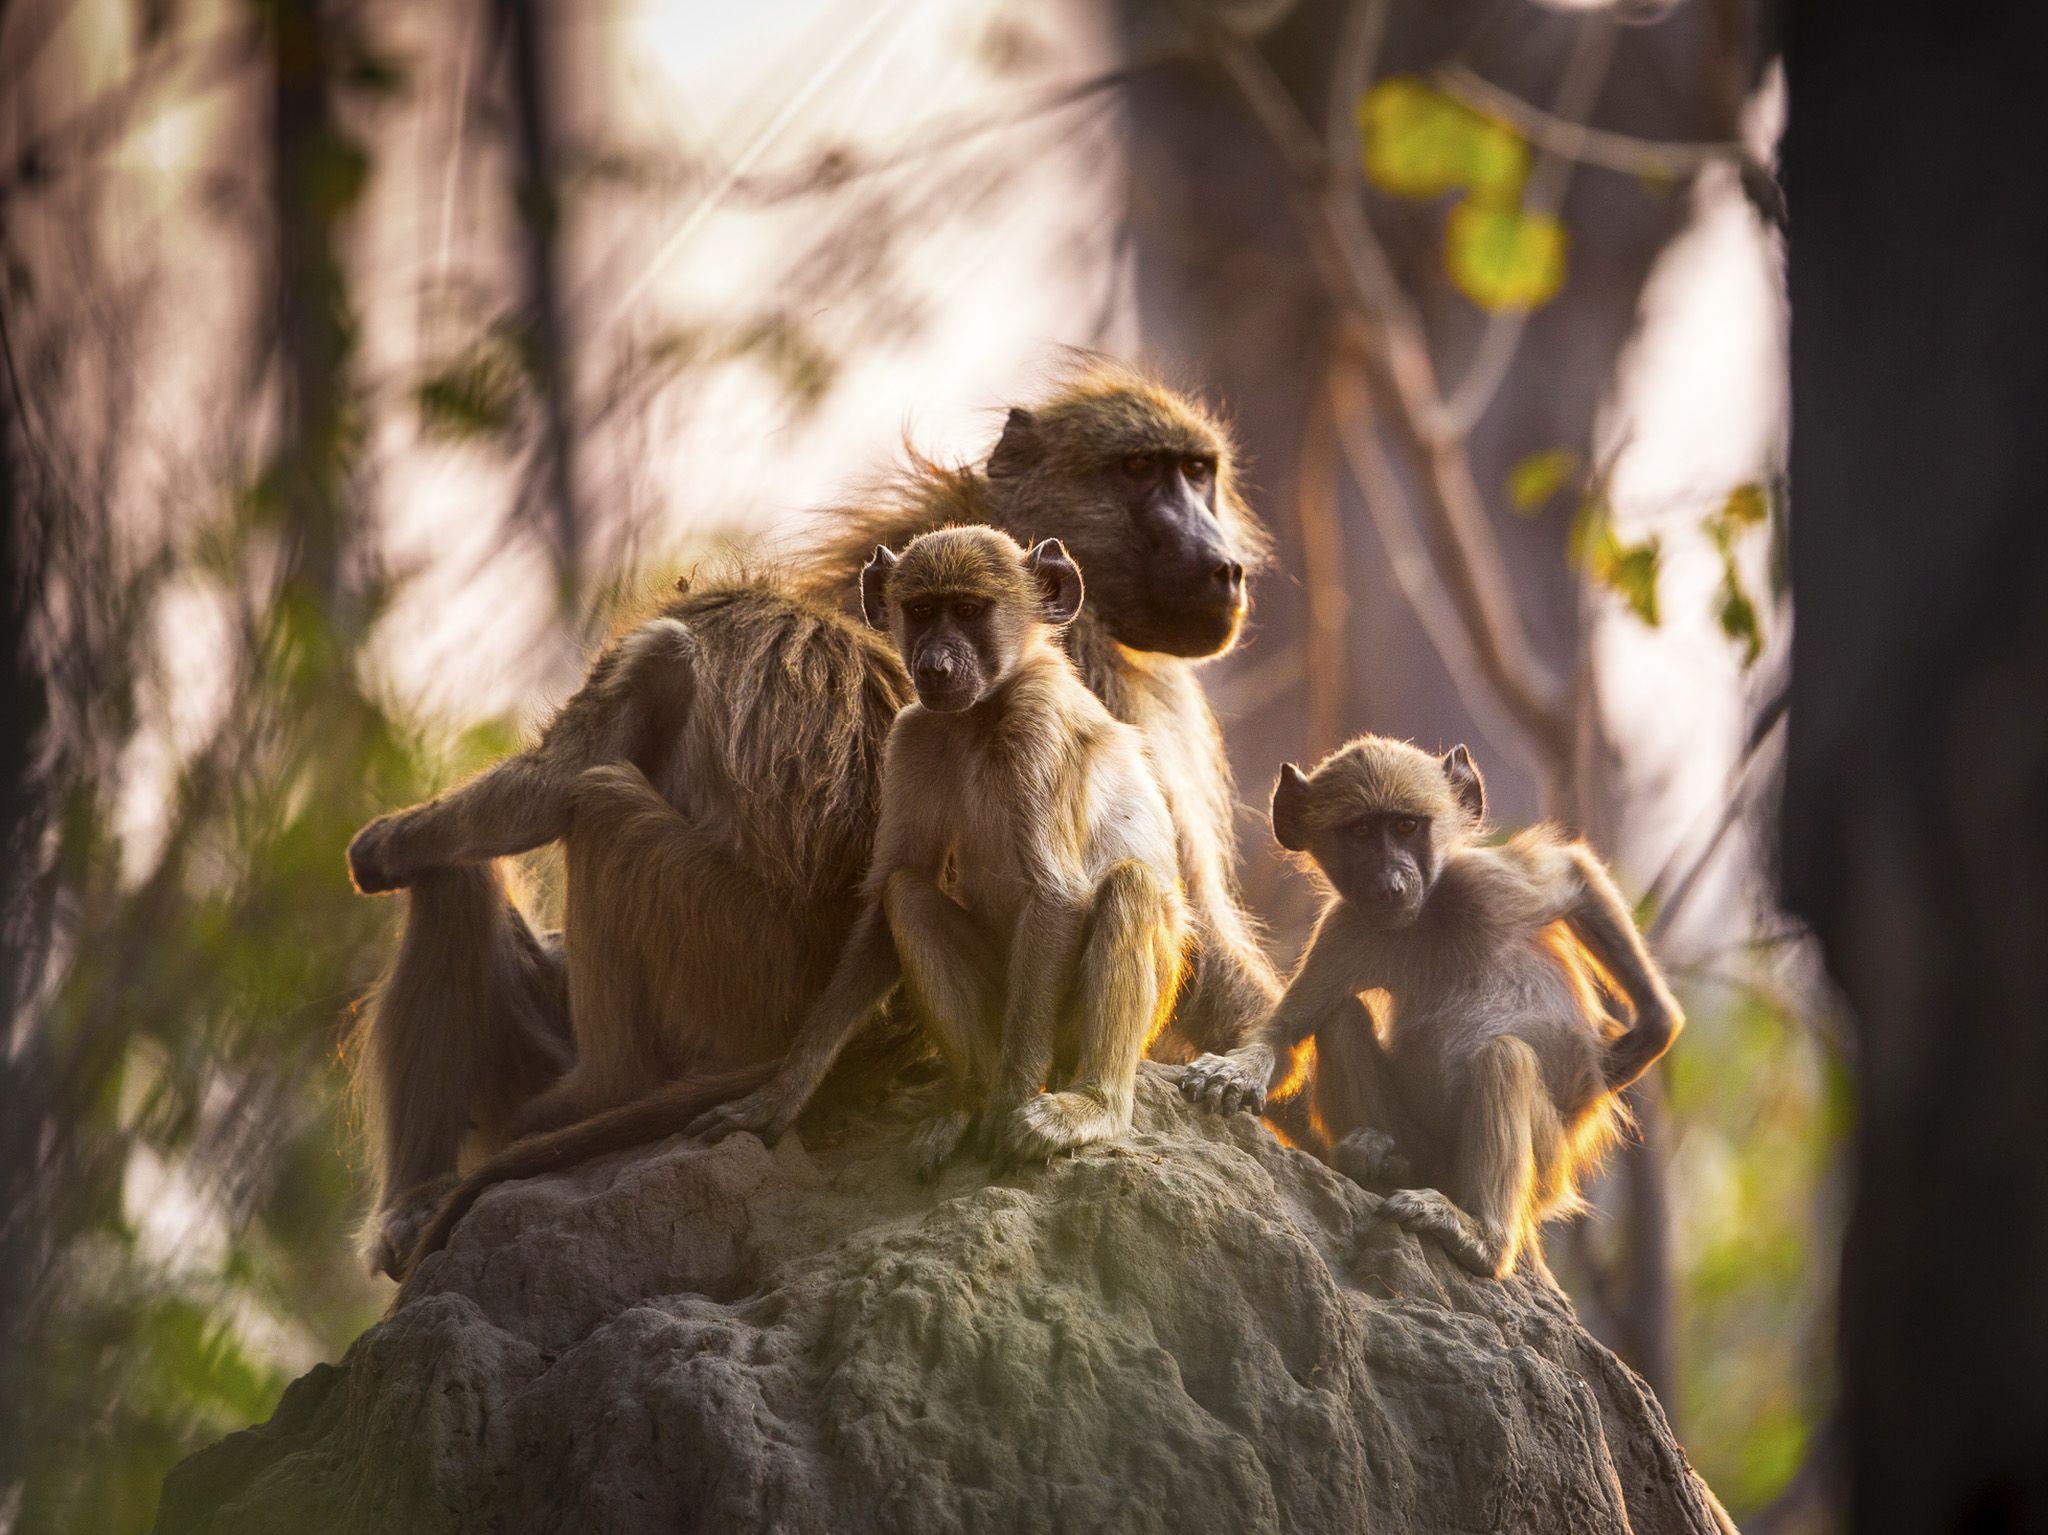 تجلس عائلة من قردة البابون على قمة تلة من تلال النمل... [Photo of the day - نوفمبر 2020]